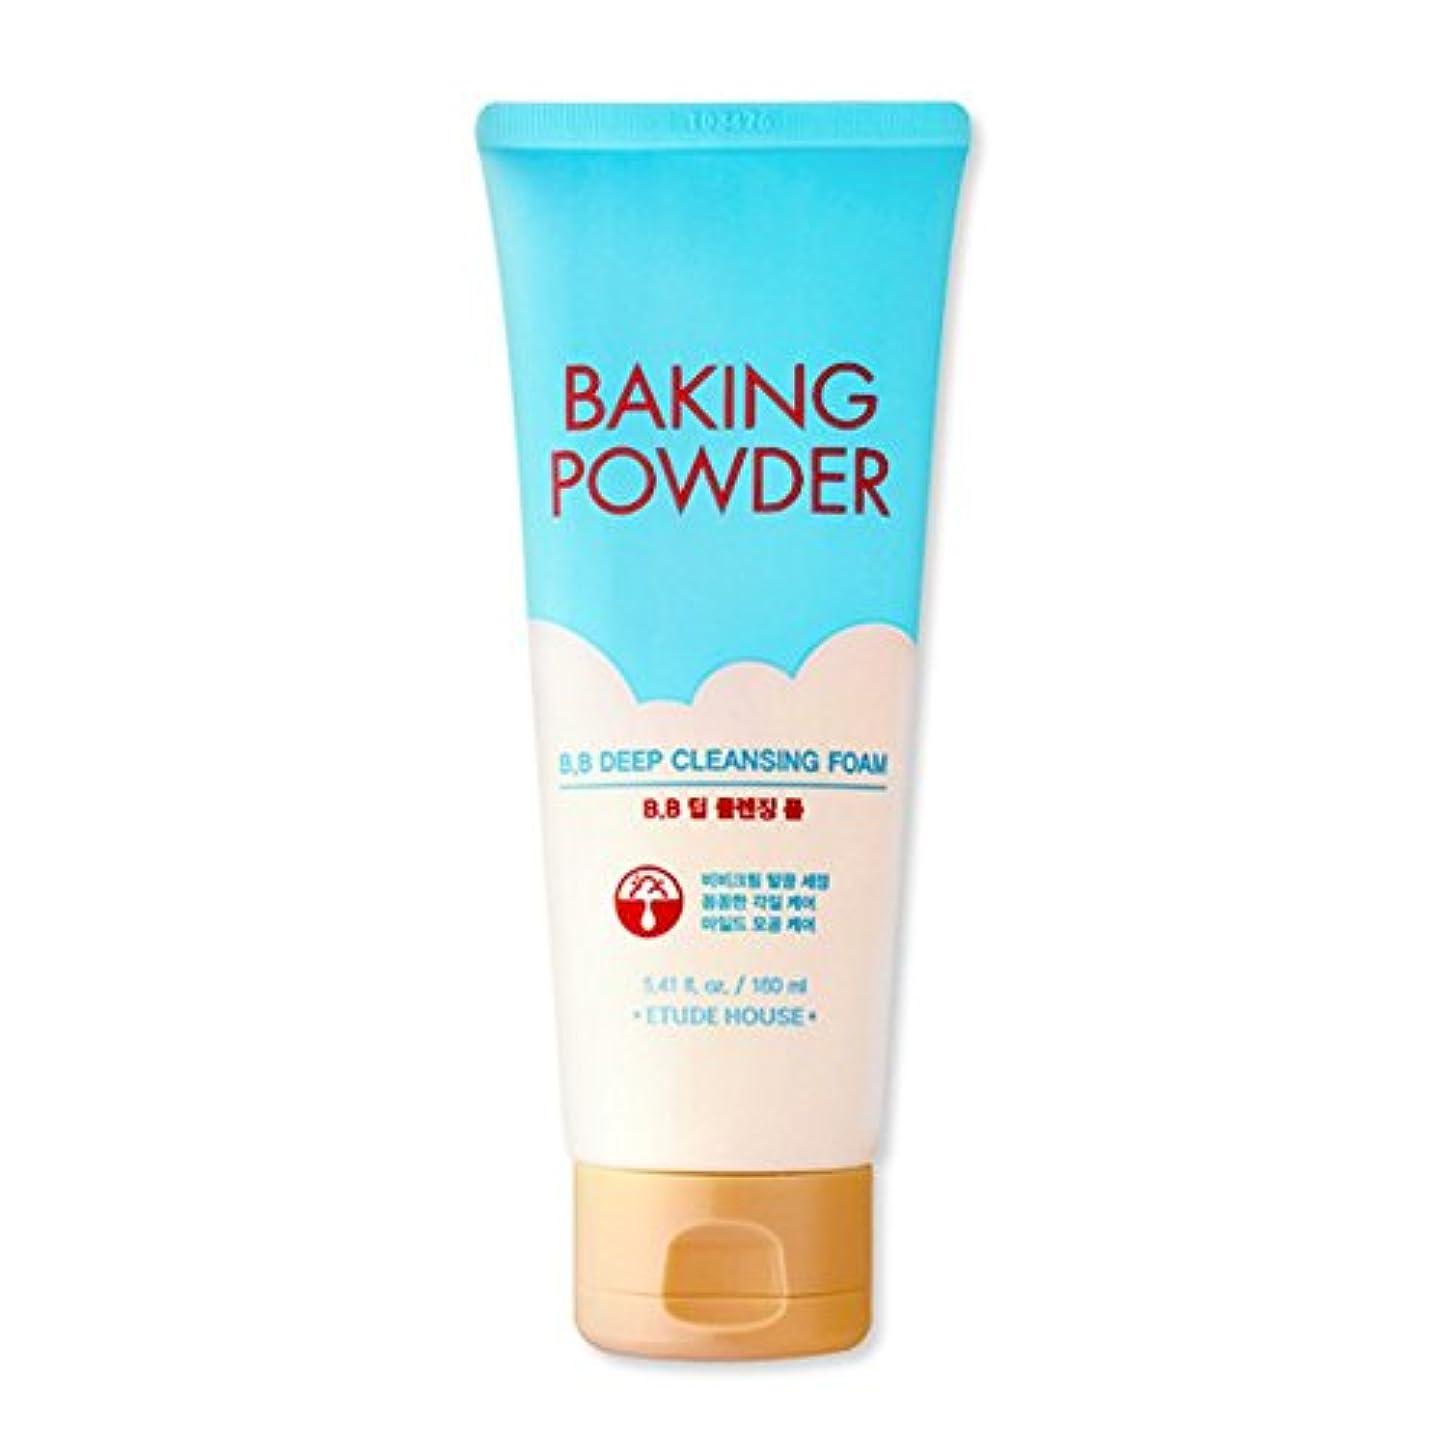 収束製作研究所[2016 Upgrade!] ETUDE HOUSE Baking Powder B.B Deep Cleansing Foam 160ml/エチュードハウス ベーキング パウダー B.B ディープ クレンジング フォーム...